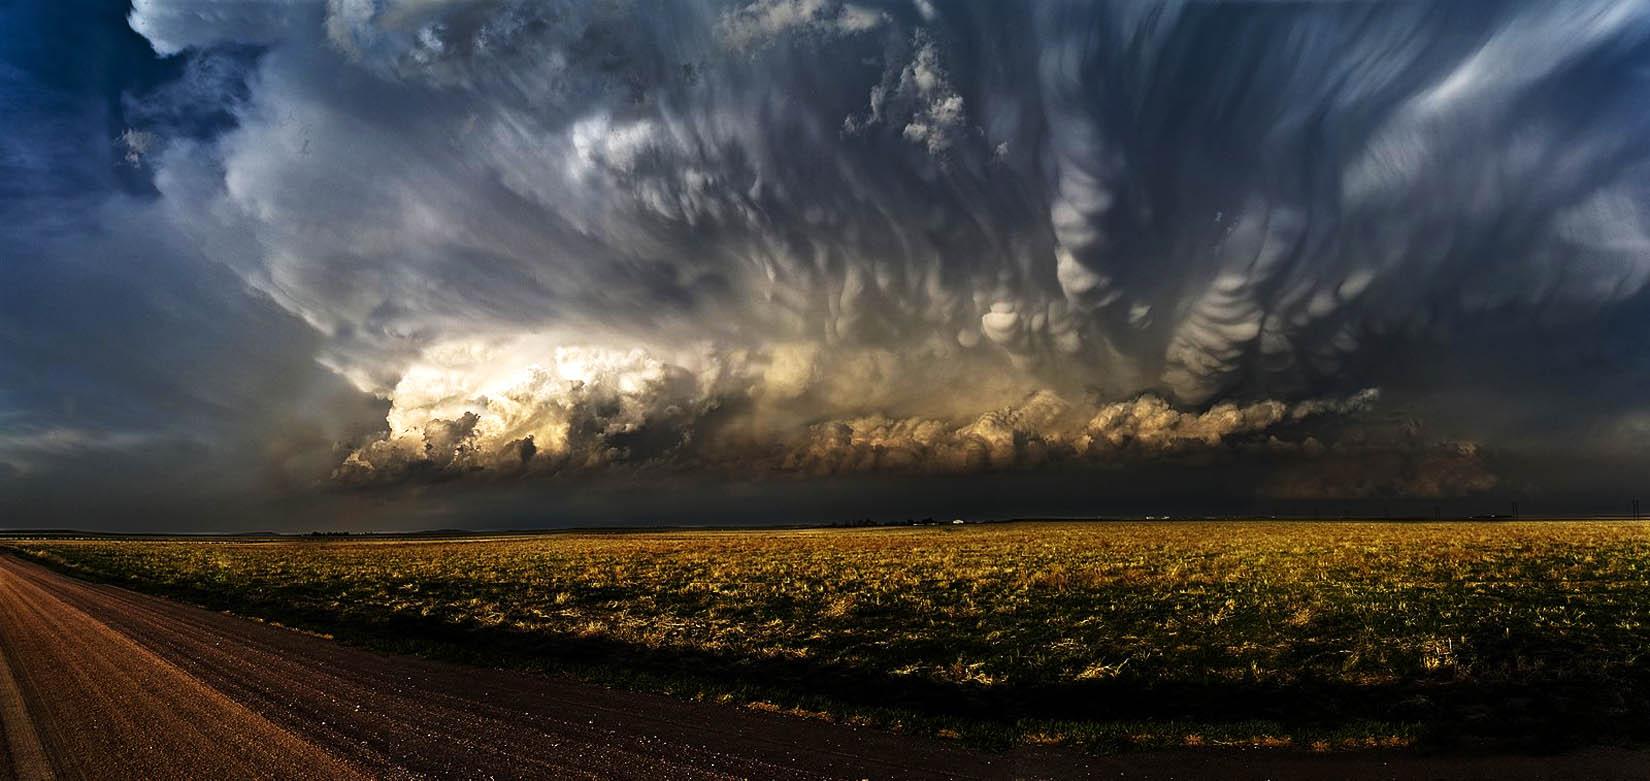 Widescreen Storm Chance Barkett here on 1650x781